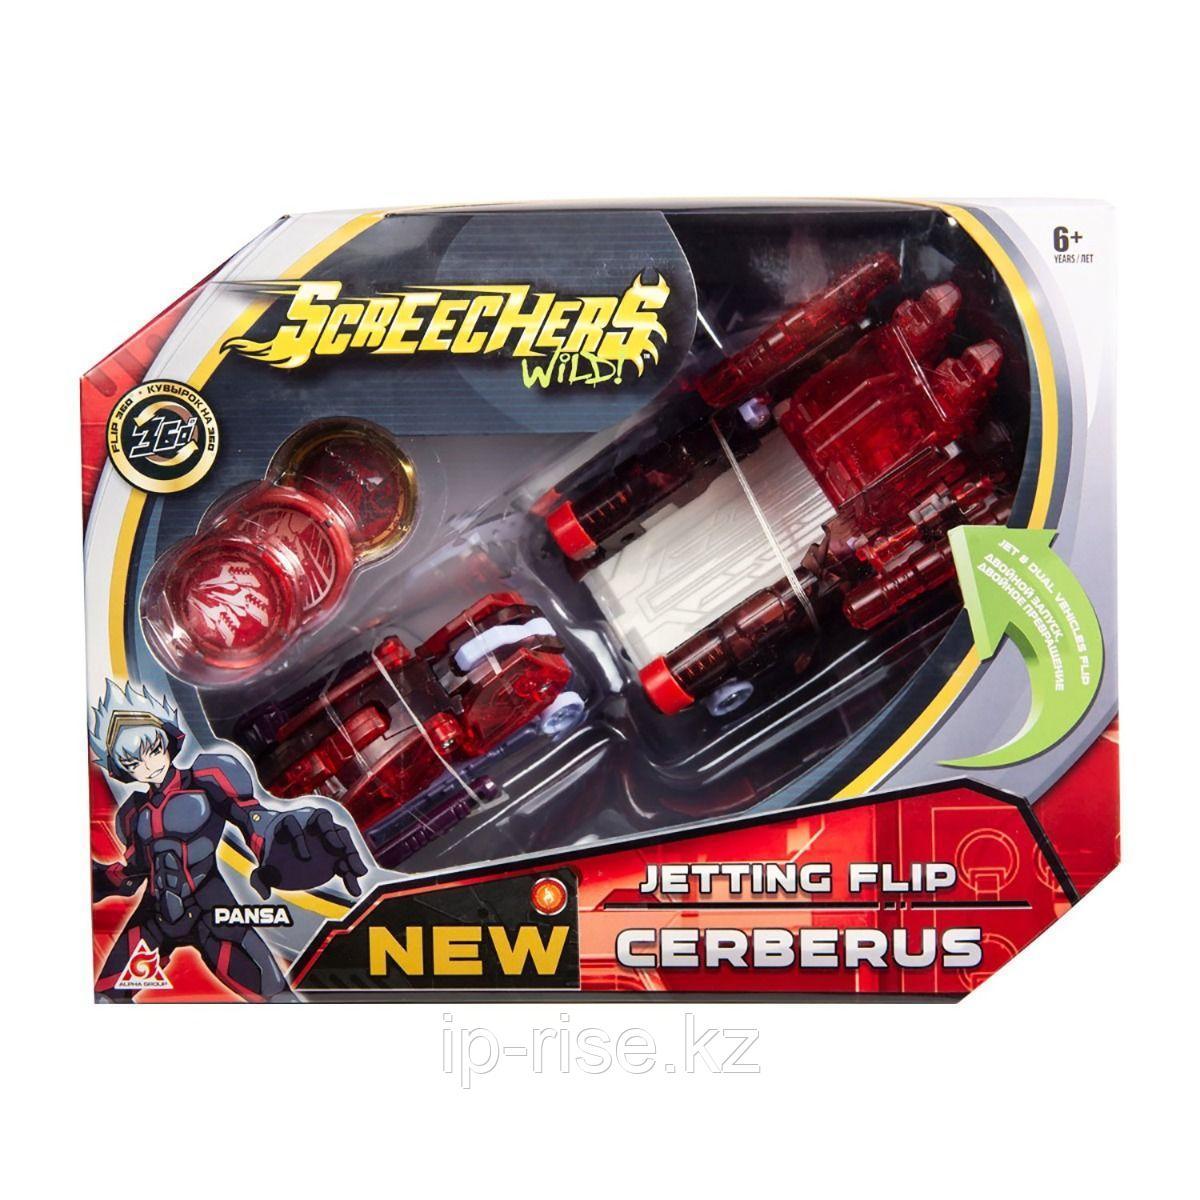 Screechers Wild: Турбо-Скричер 2-в-1 Церберус - фото 7